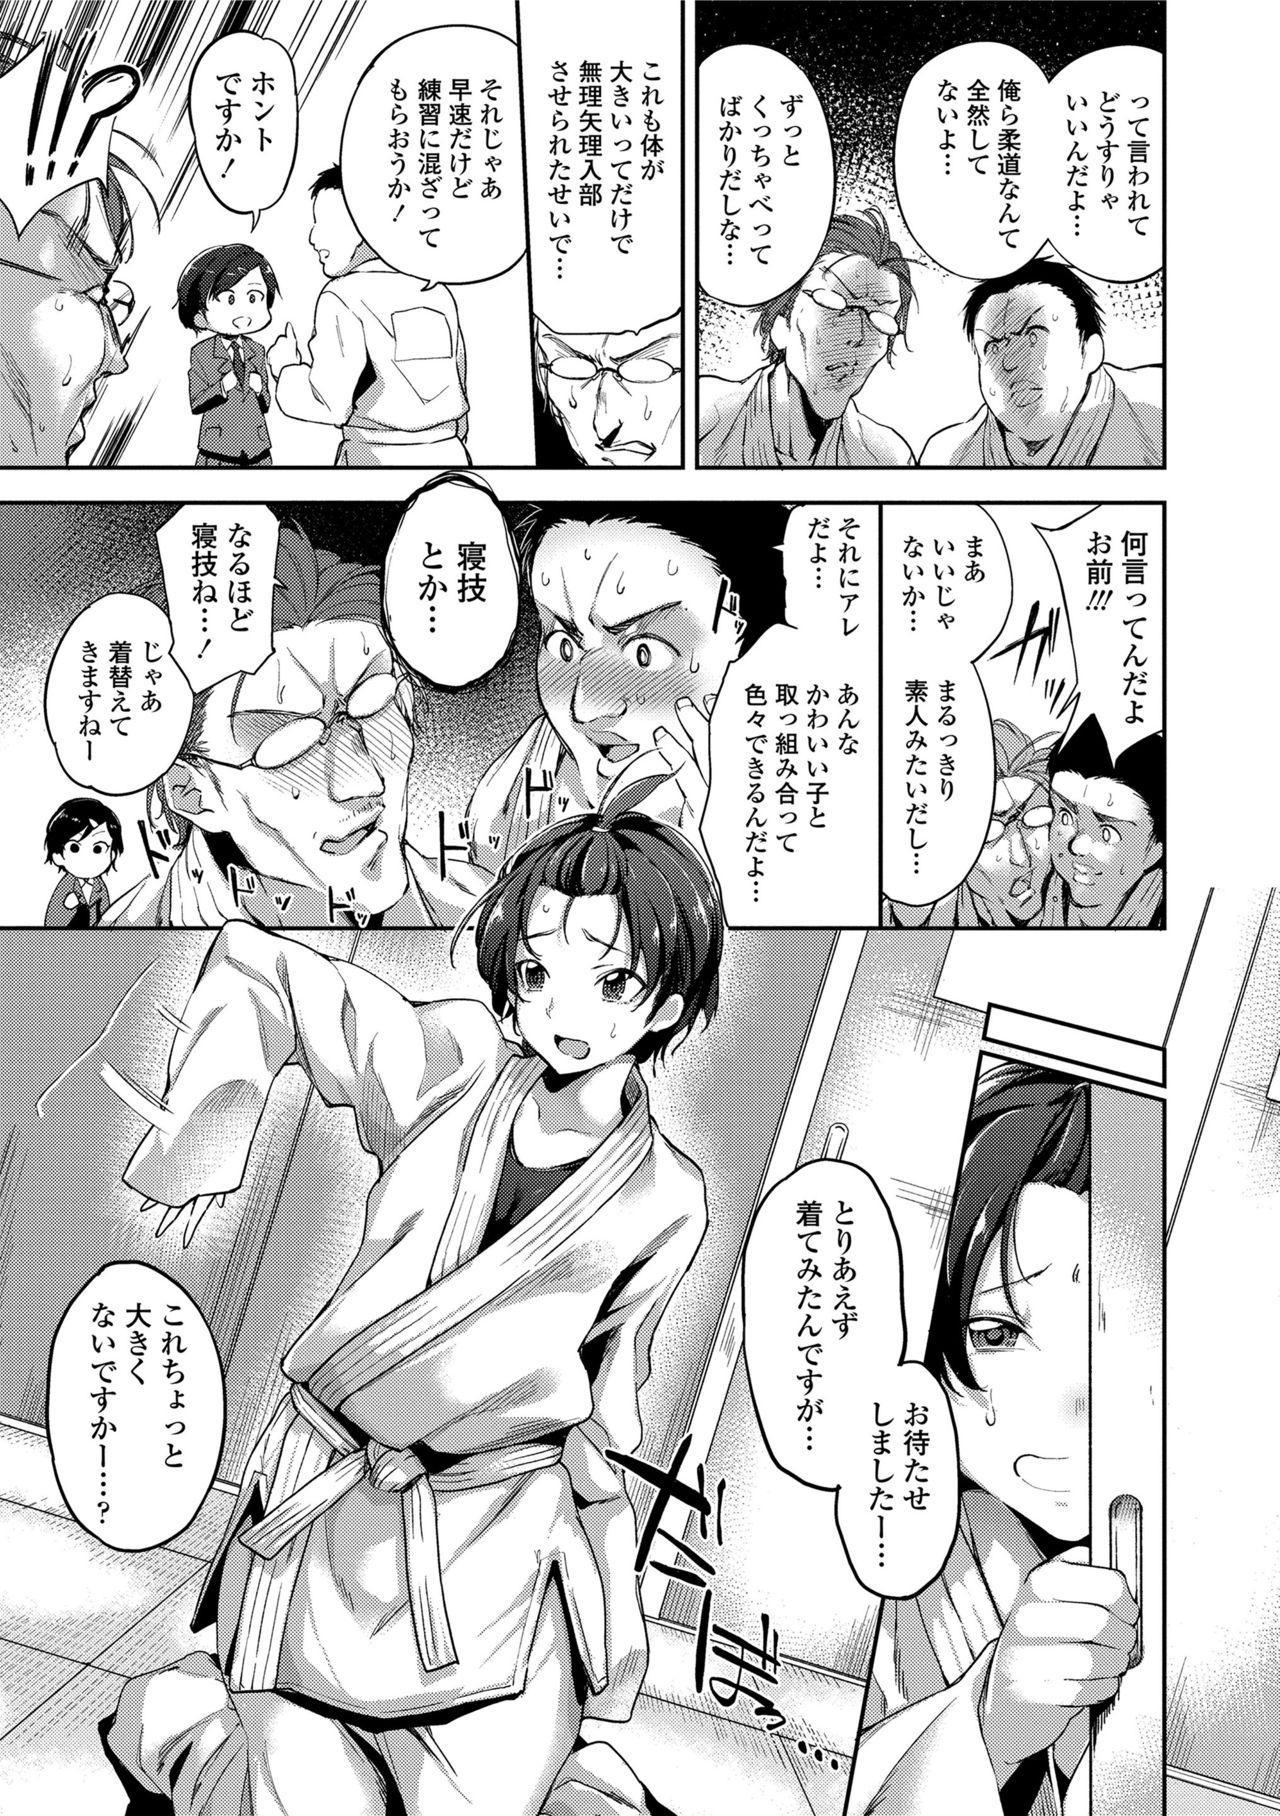 Ai ga Nakutemo Ecchi wa Dekiru! - Even if There is No Love You Can H! 84